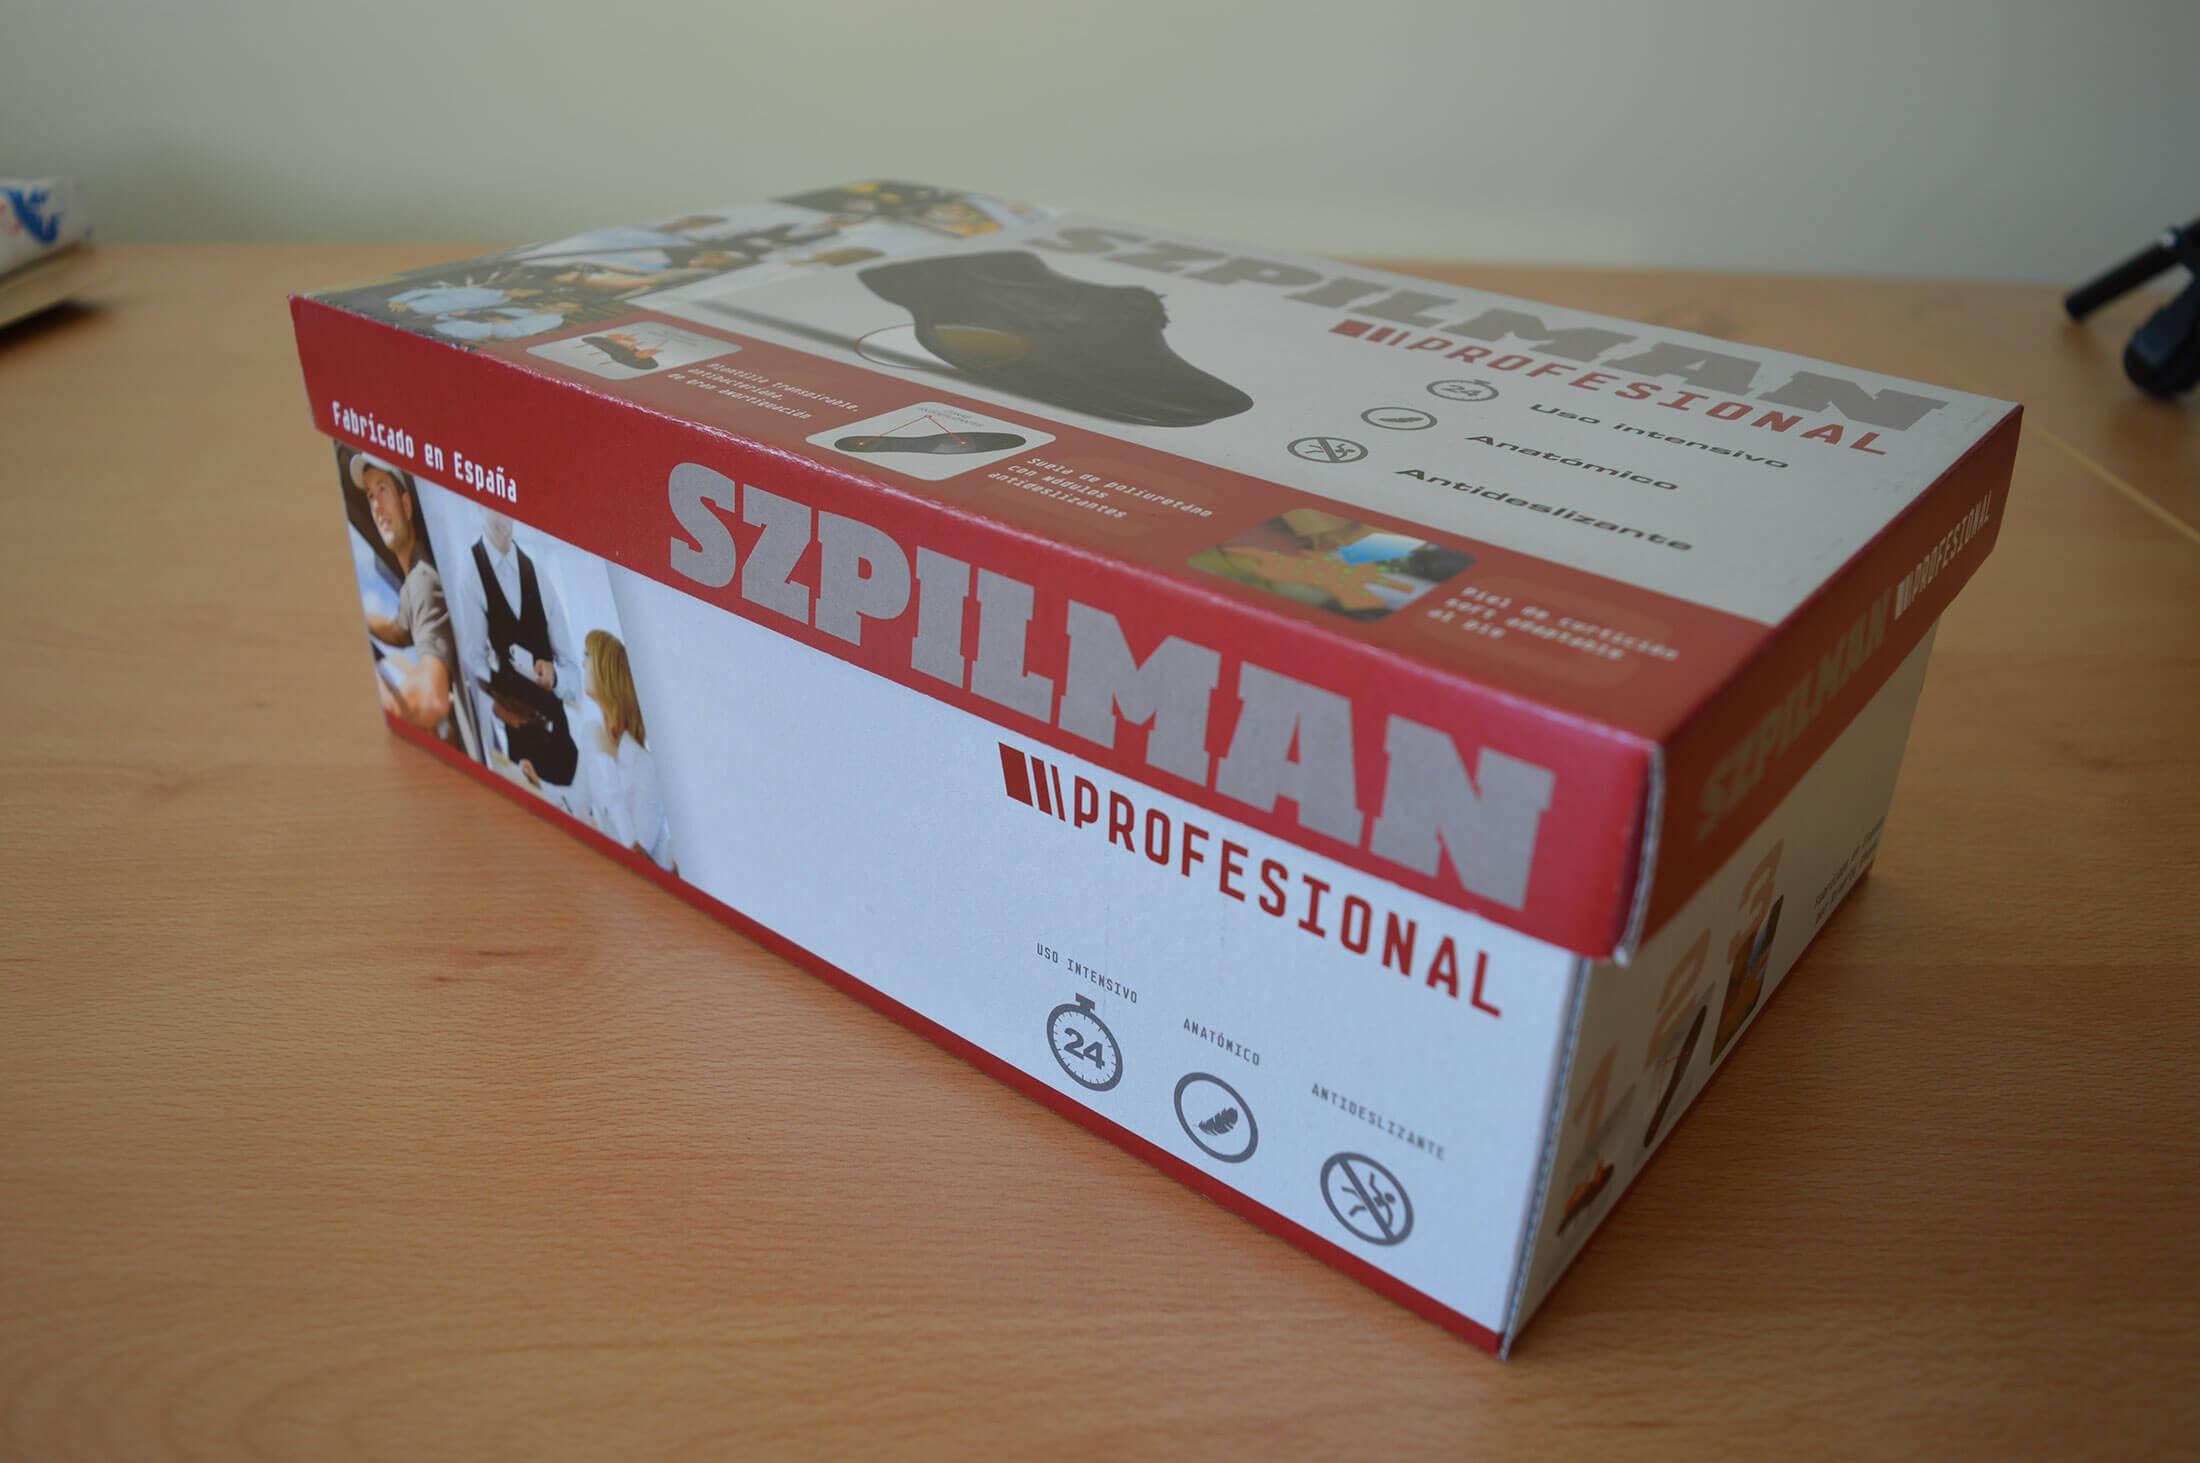 Caja de calzado para Szpilman